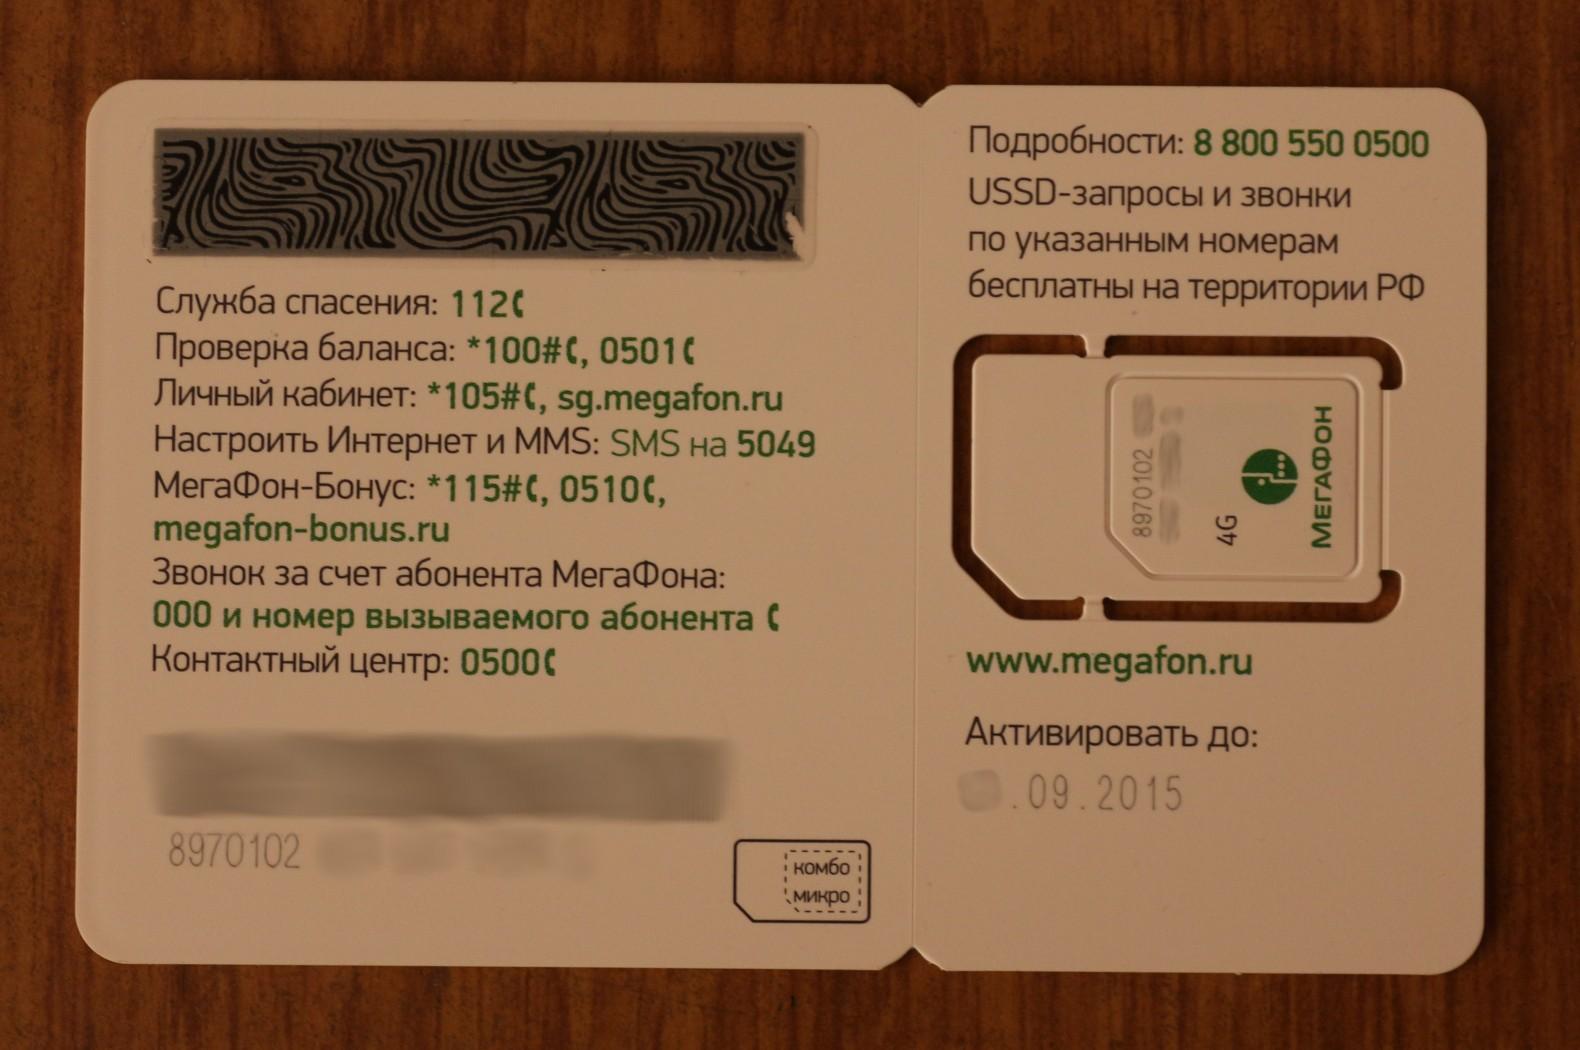 scratch-card-obverse2